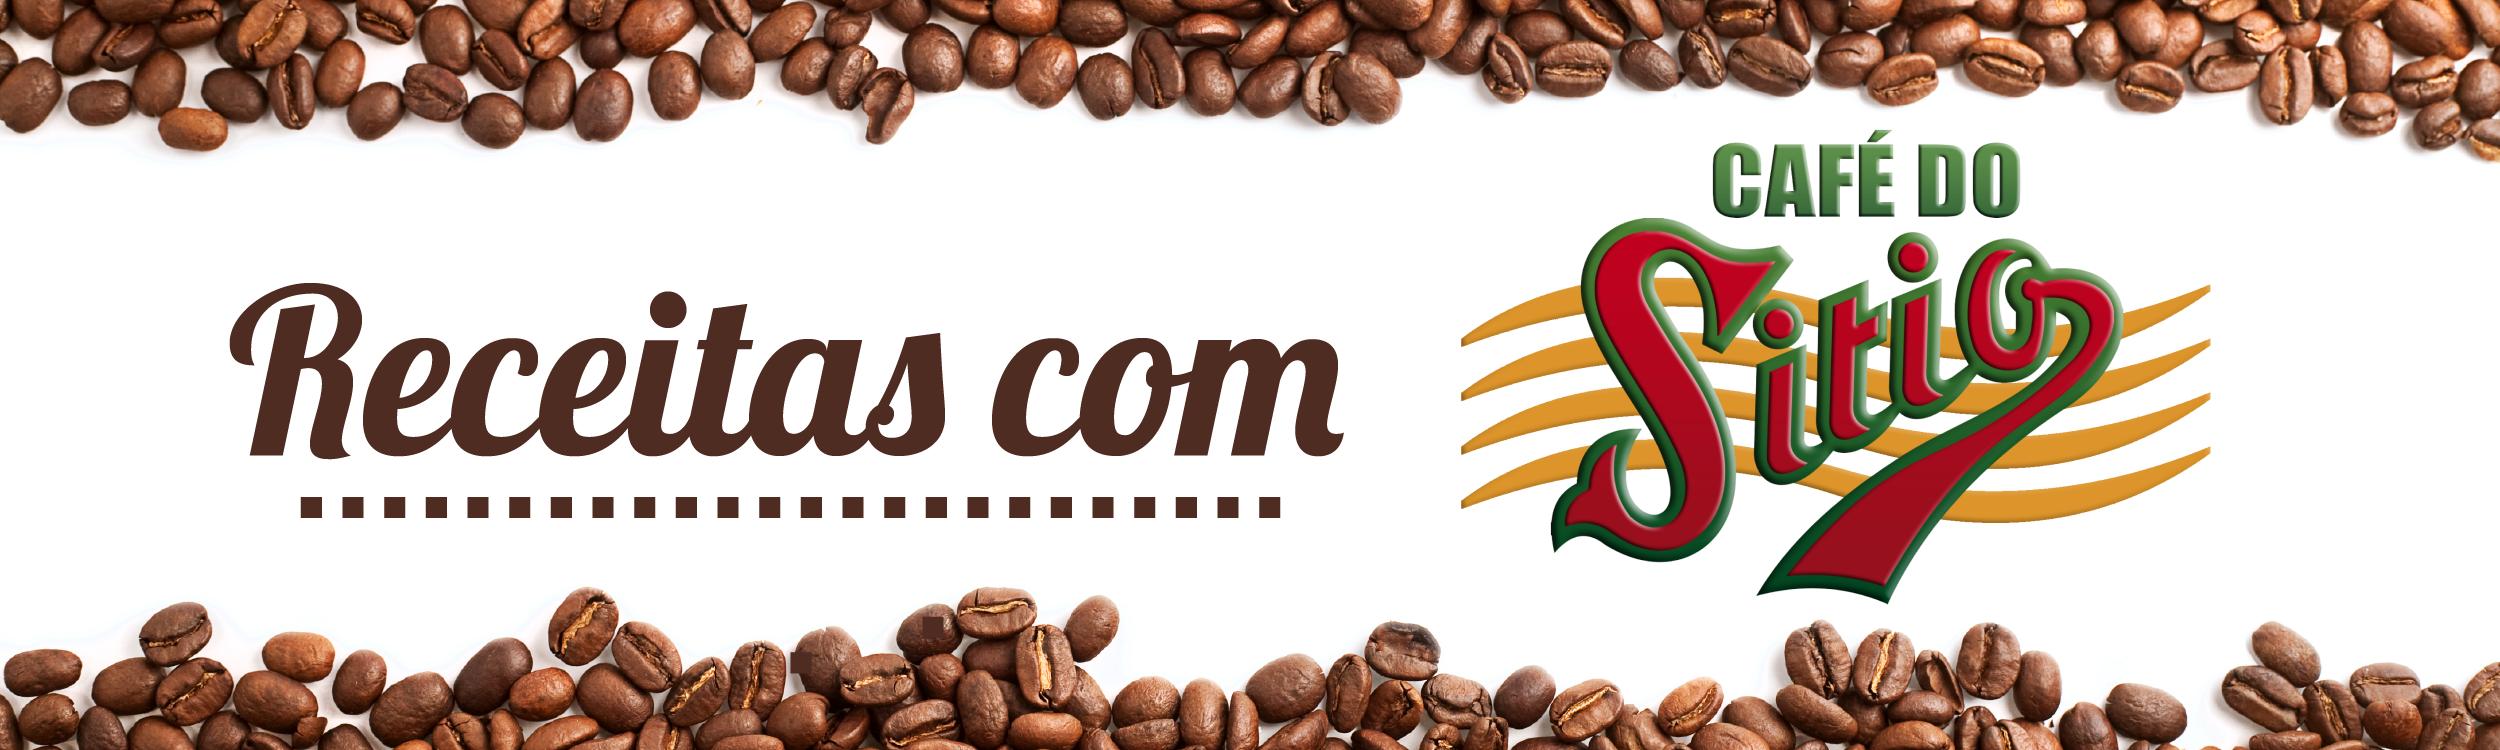 Banner da parceria entre Cupcakeando e Café do Sitio.